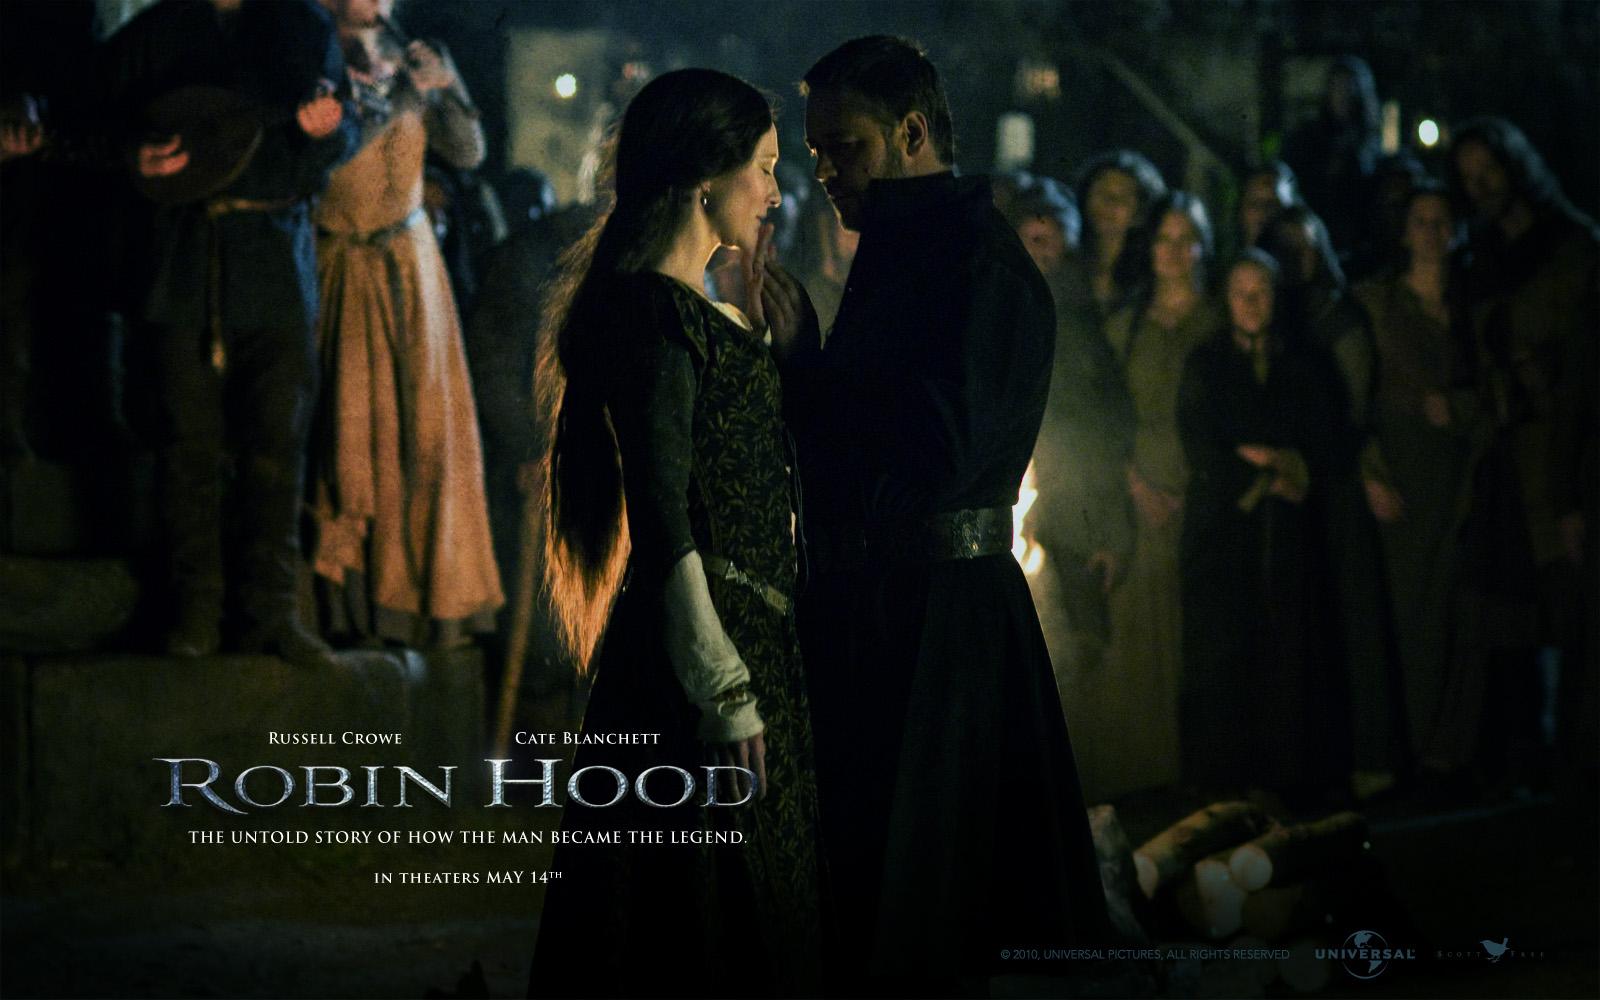 http://2.bp.blogspot.com/_M86n2v0usLk/TLHrdaJZvdI/AAAAAAAAFd0/17DpulouyMY/s1600/4-Robin_Hood-Cate_Blanchett-1600x1000-Movie_Wallpaper.jpg